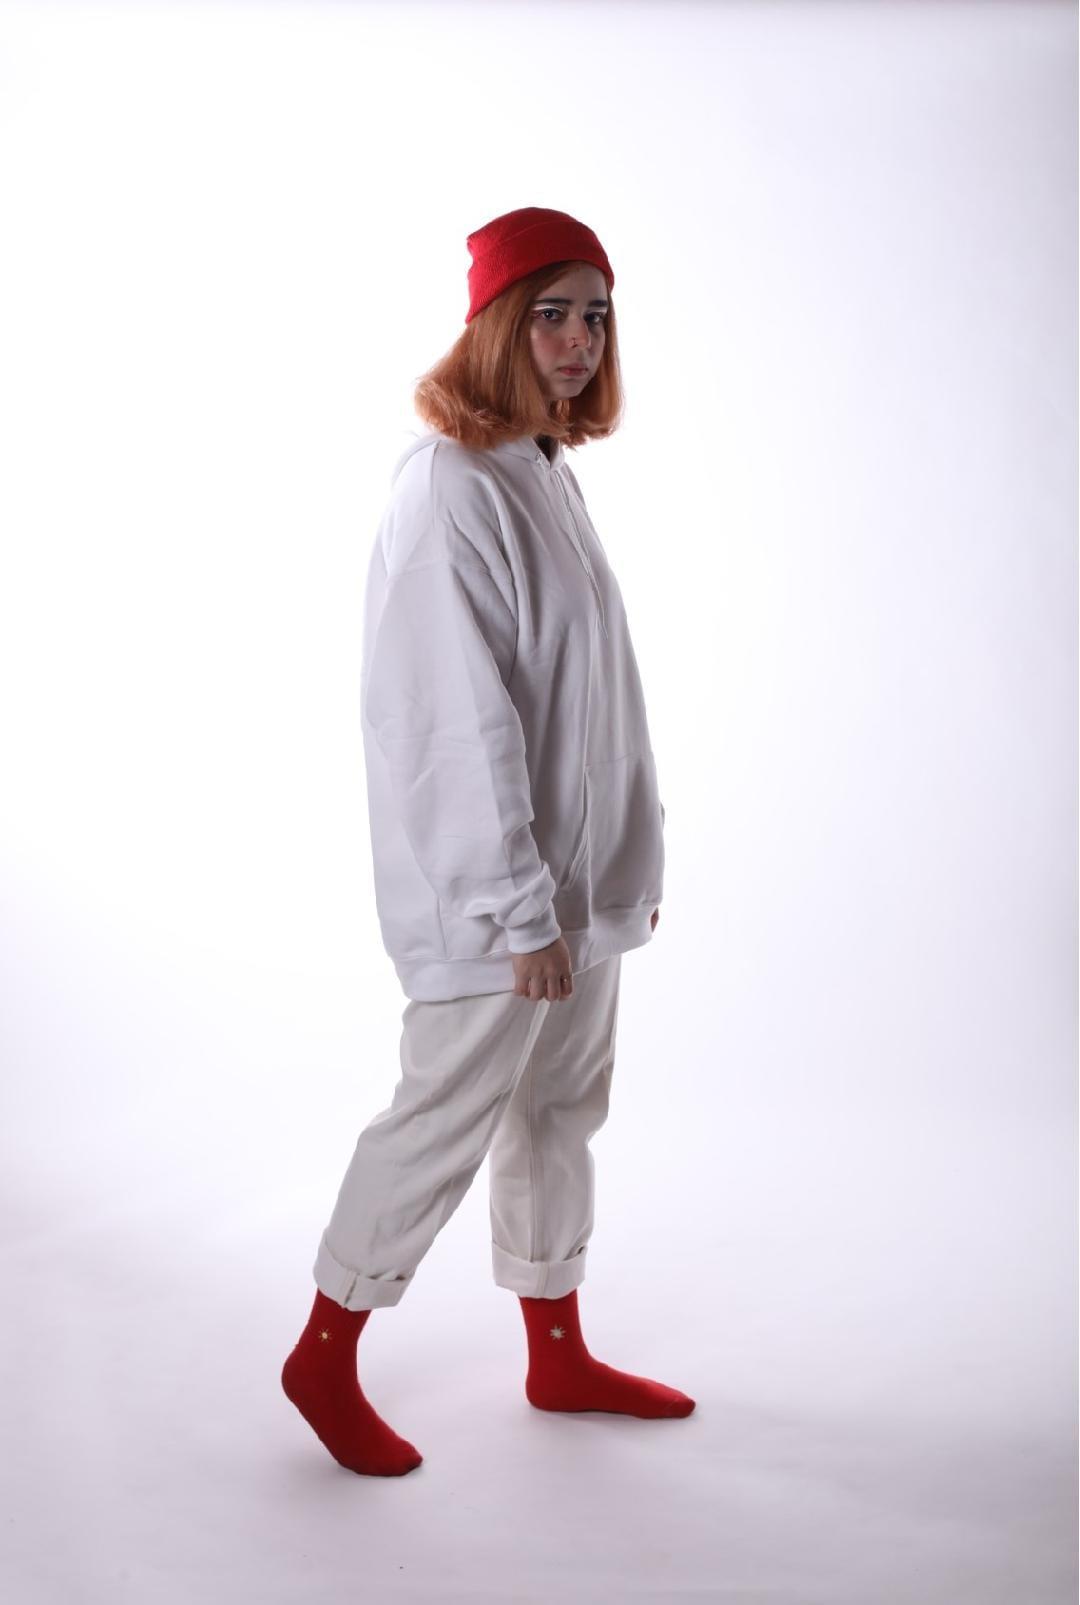 """Bratty platica sobre su disco """"#tdbn"""" y el sencillo homónimo del mismo -  desdepuebla.com"""